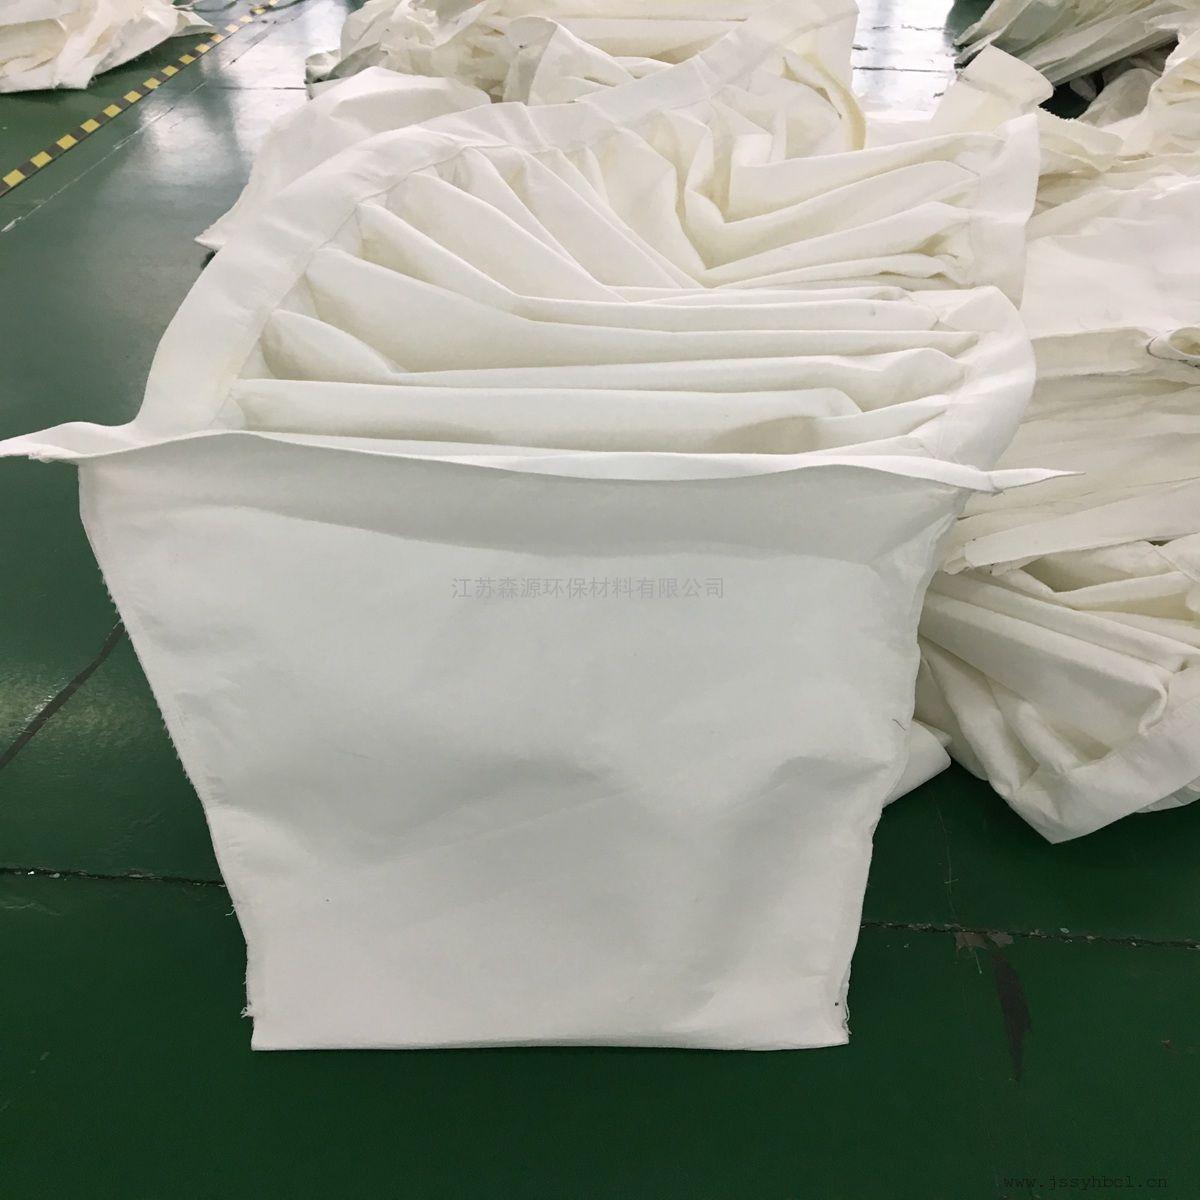 PL单机镇打除尘器专用连布袋外滤式振打连体扁布袋除尘过滤袋